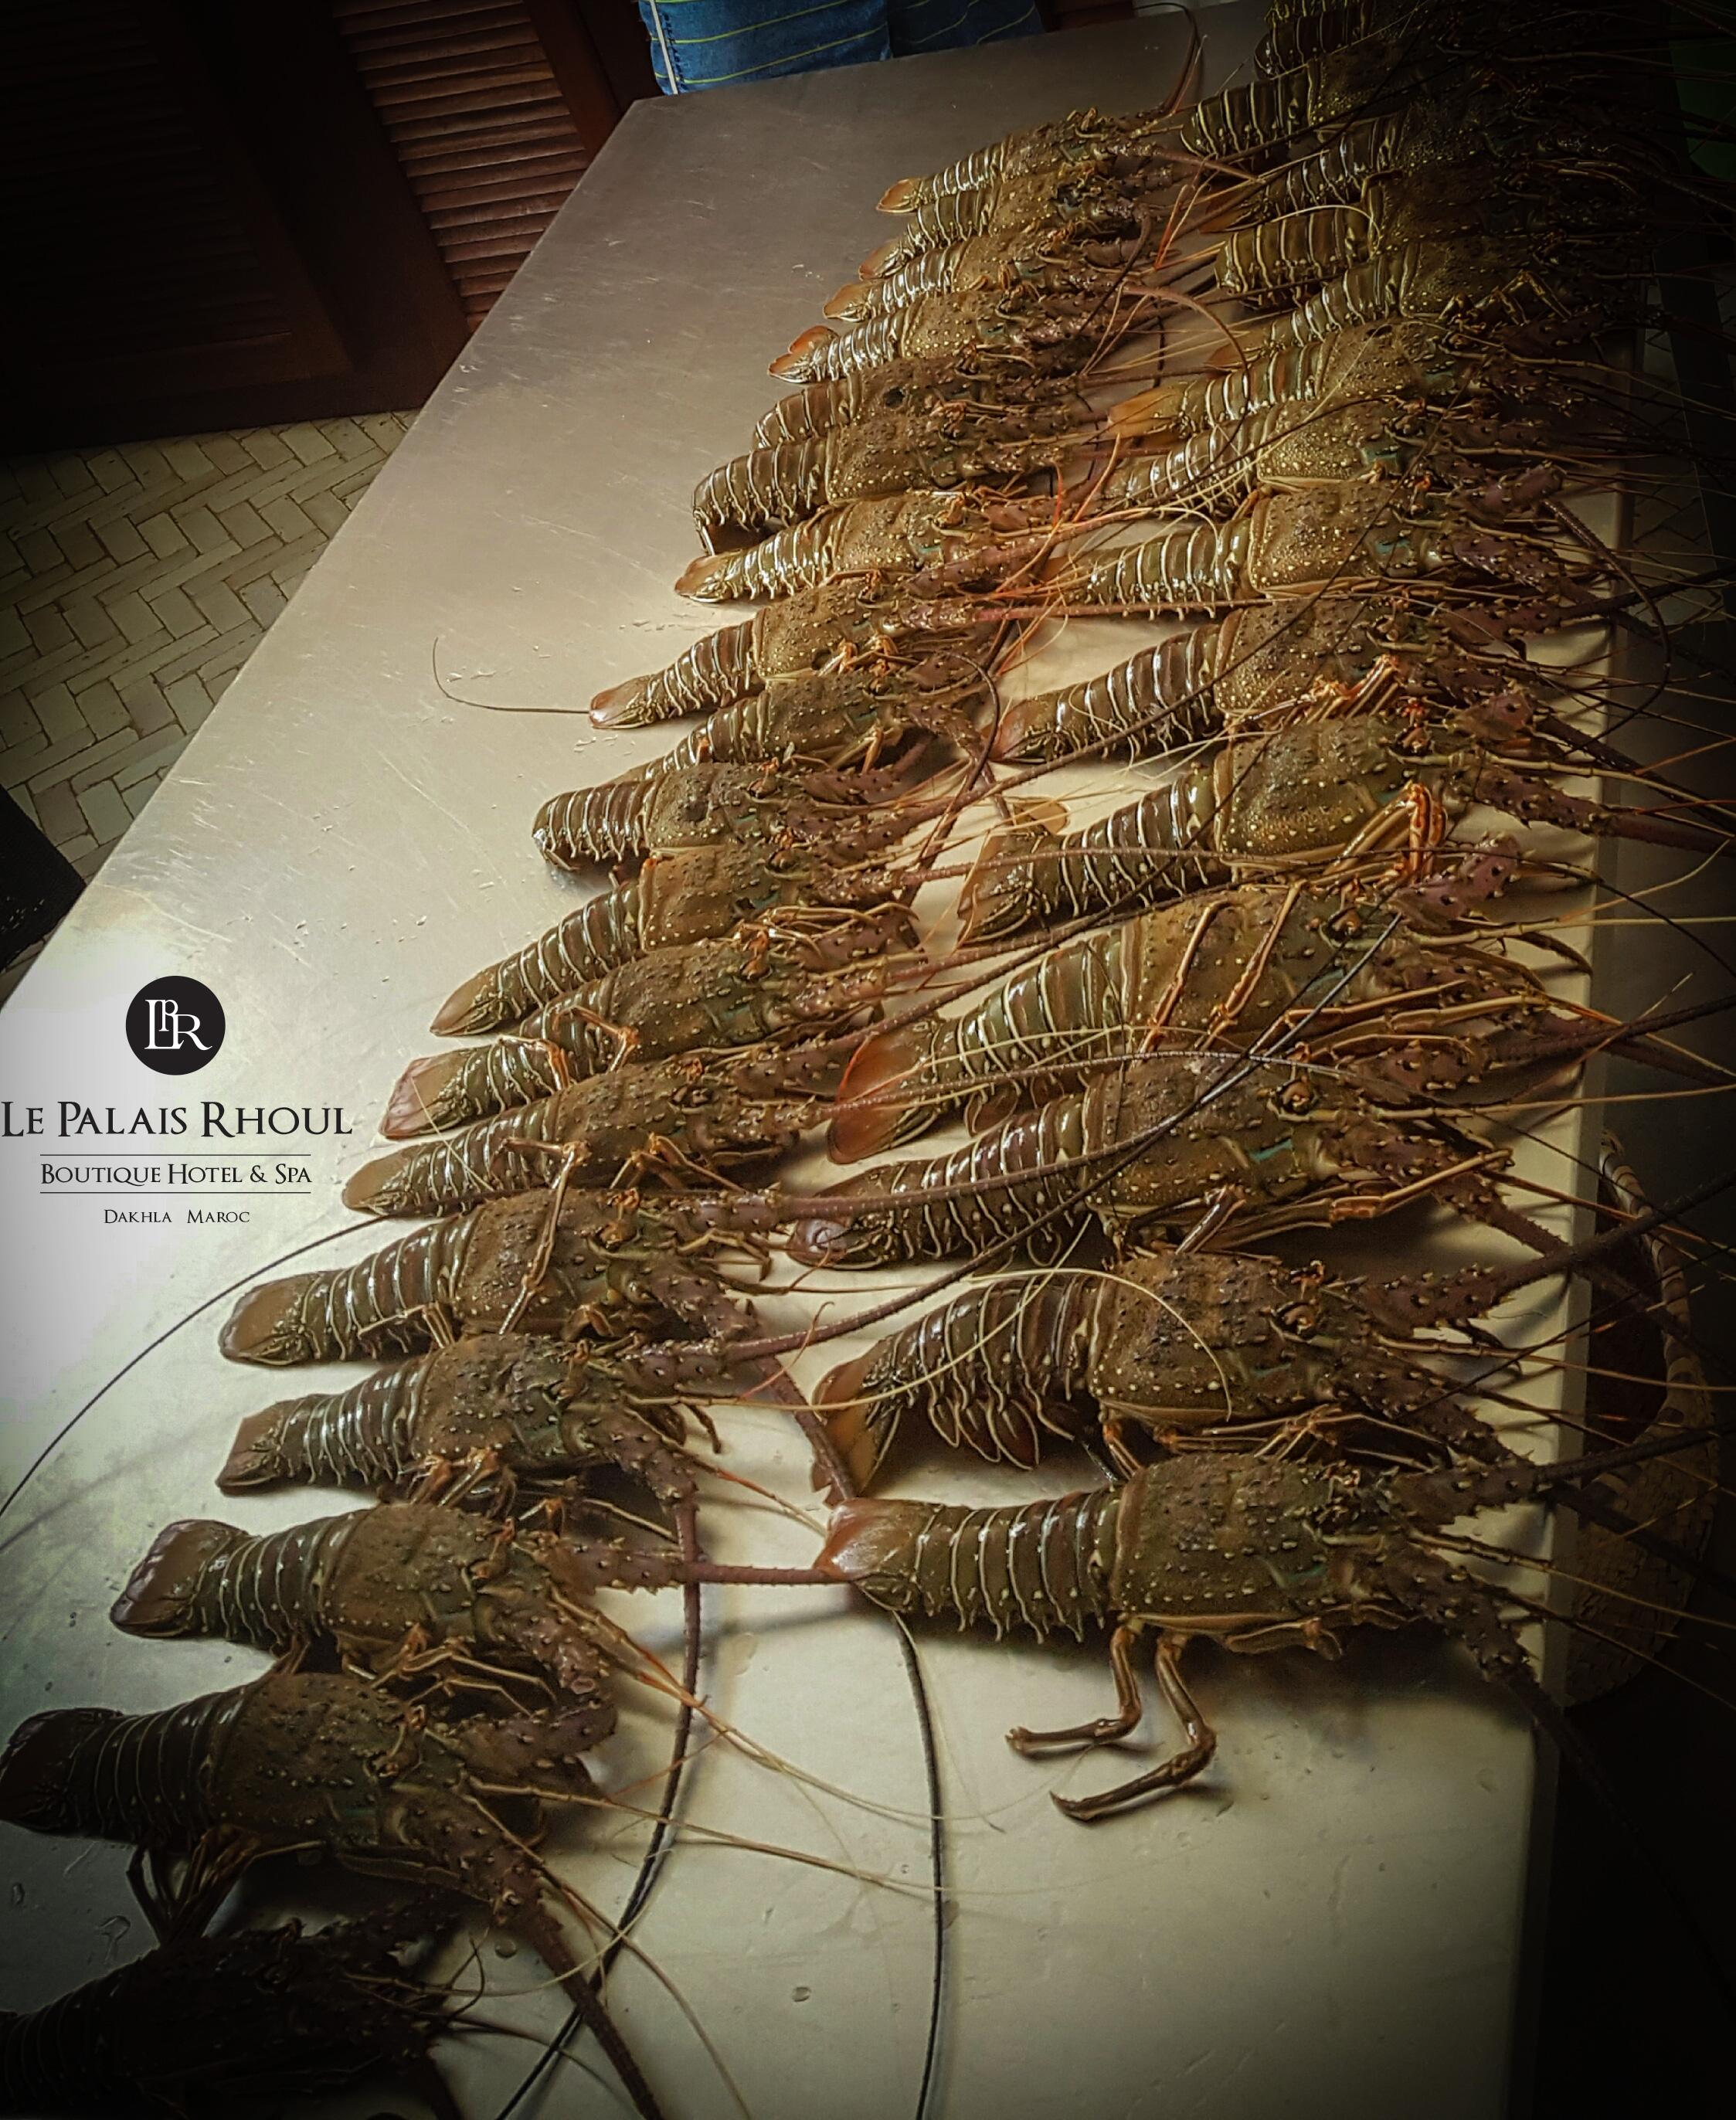 Le Palais Rhoul Dakhla | hotel spa | Langoustes